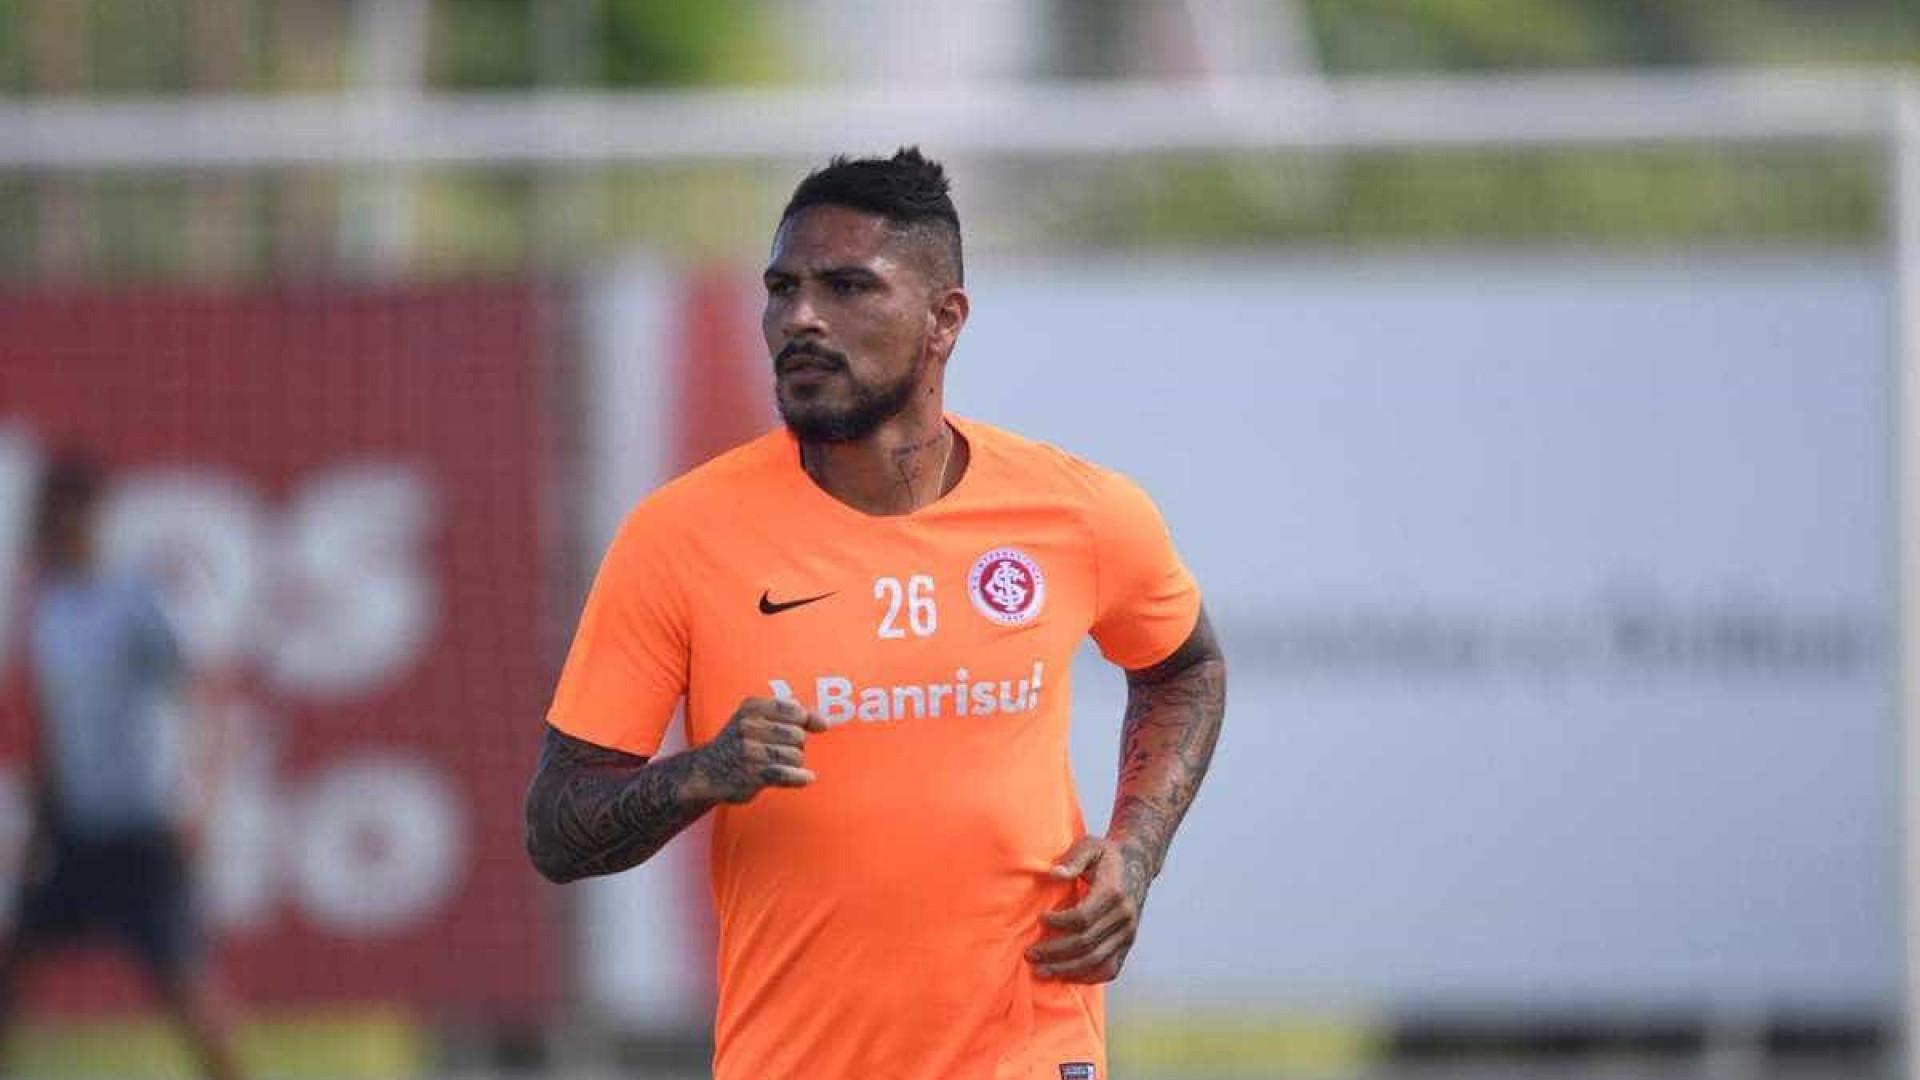 Liberado de treino do Inter, Guerrero viaja para enterro de sobrinho